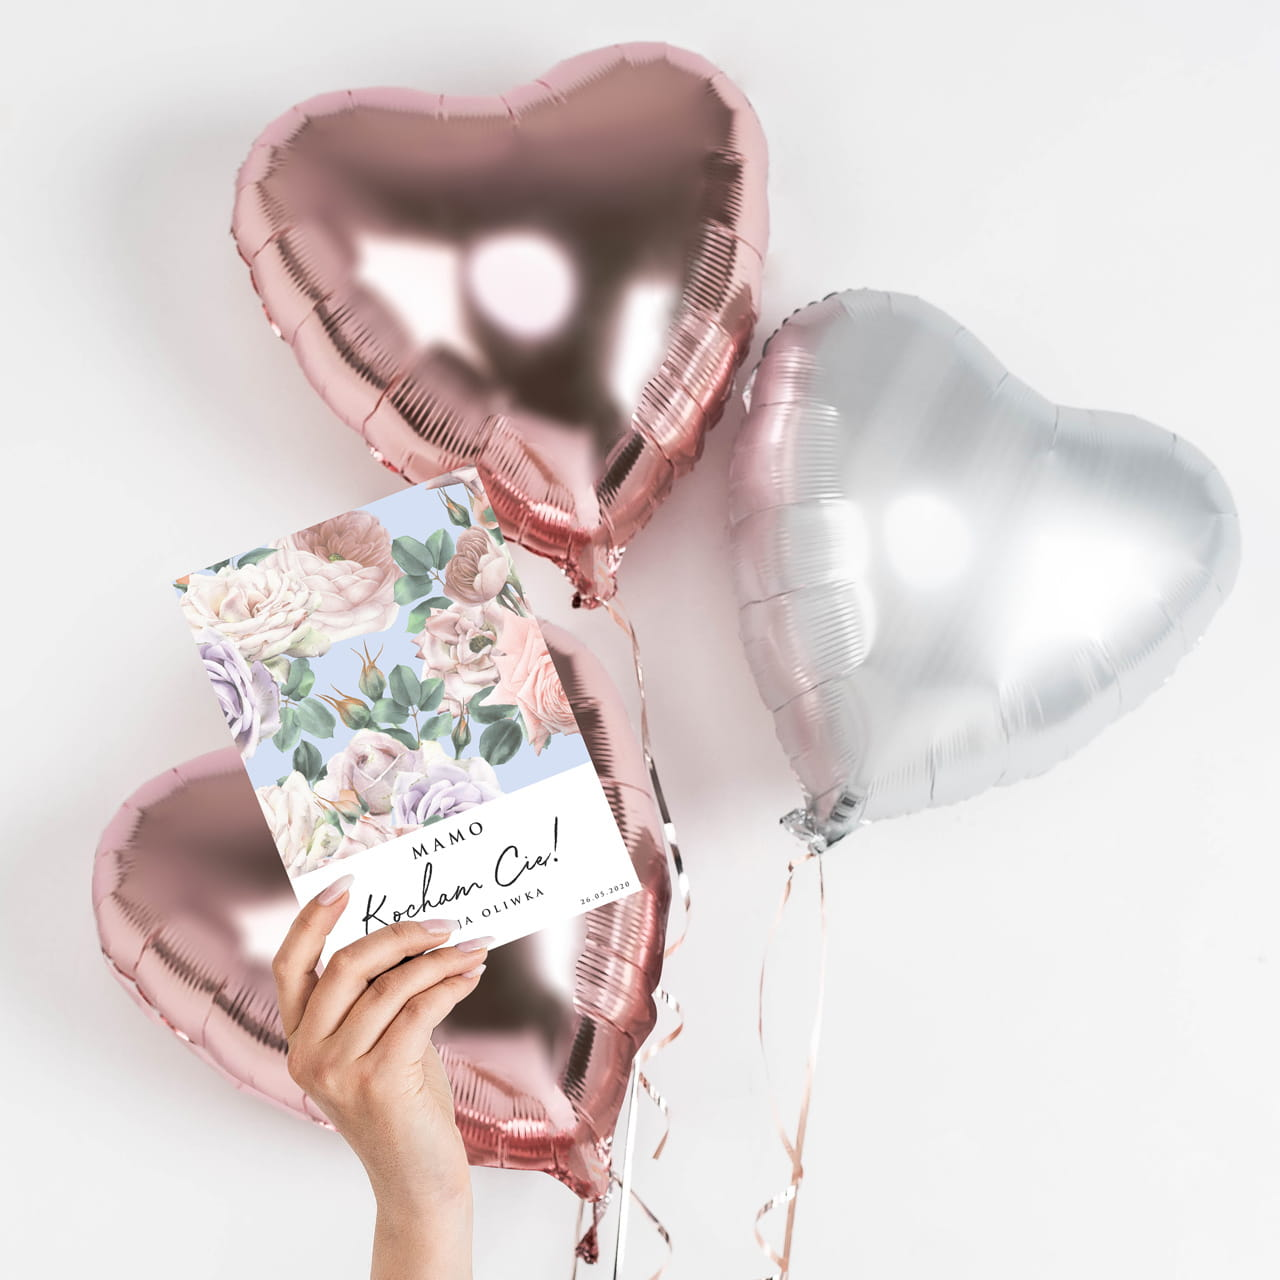 Balony W Pudelku Kartka Prezent Na Dzien Mamy